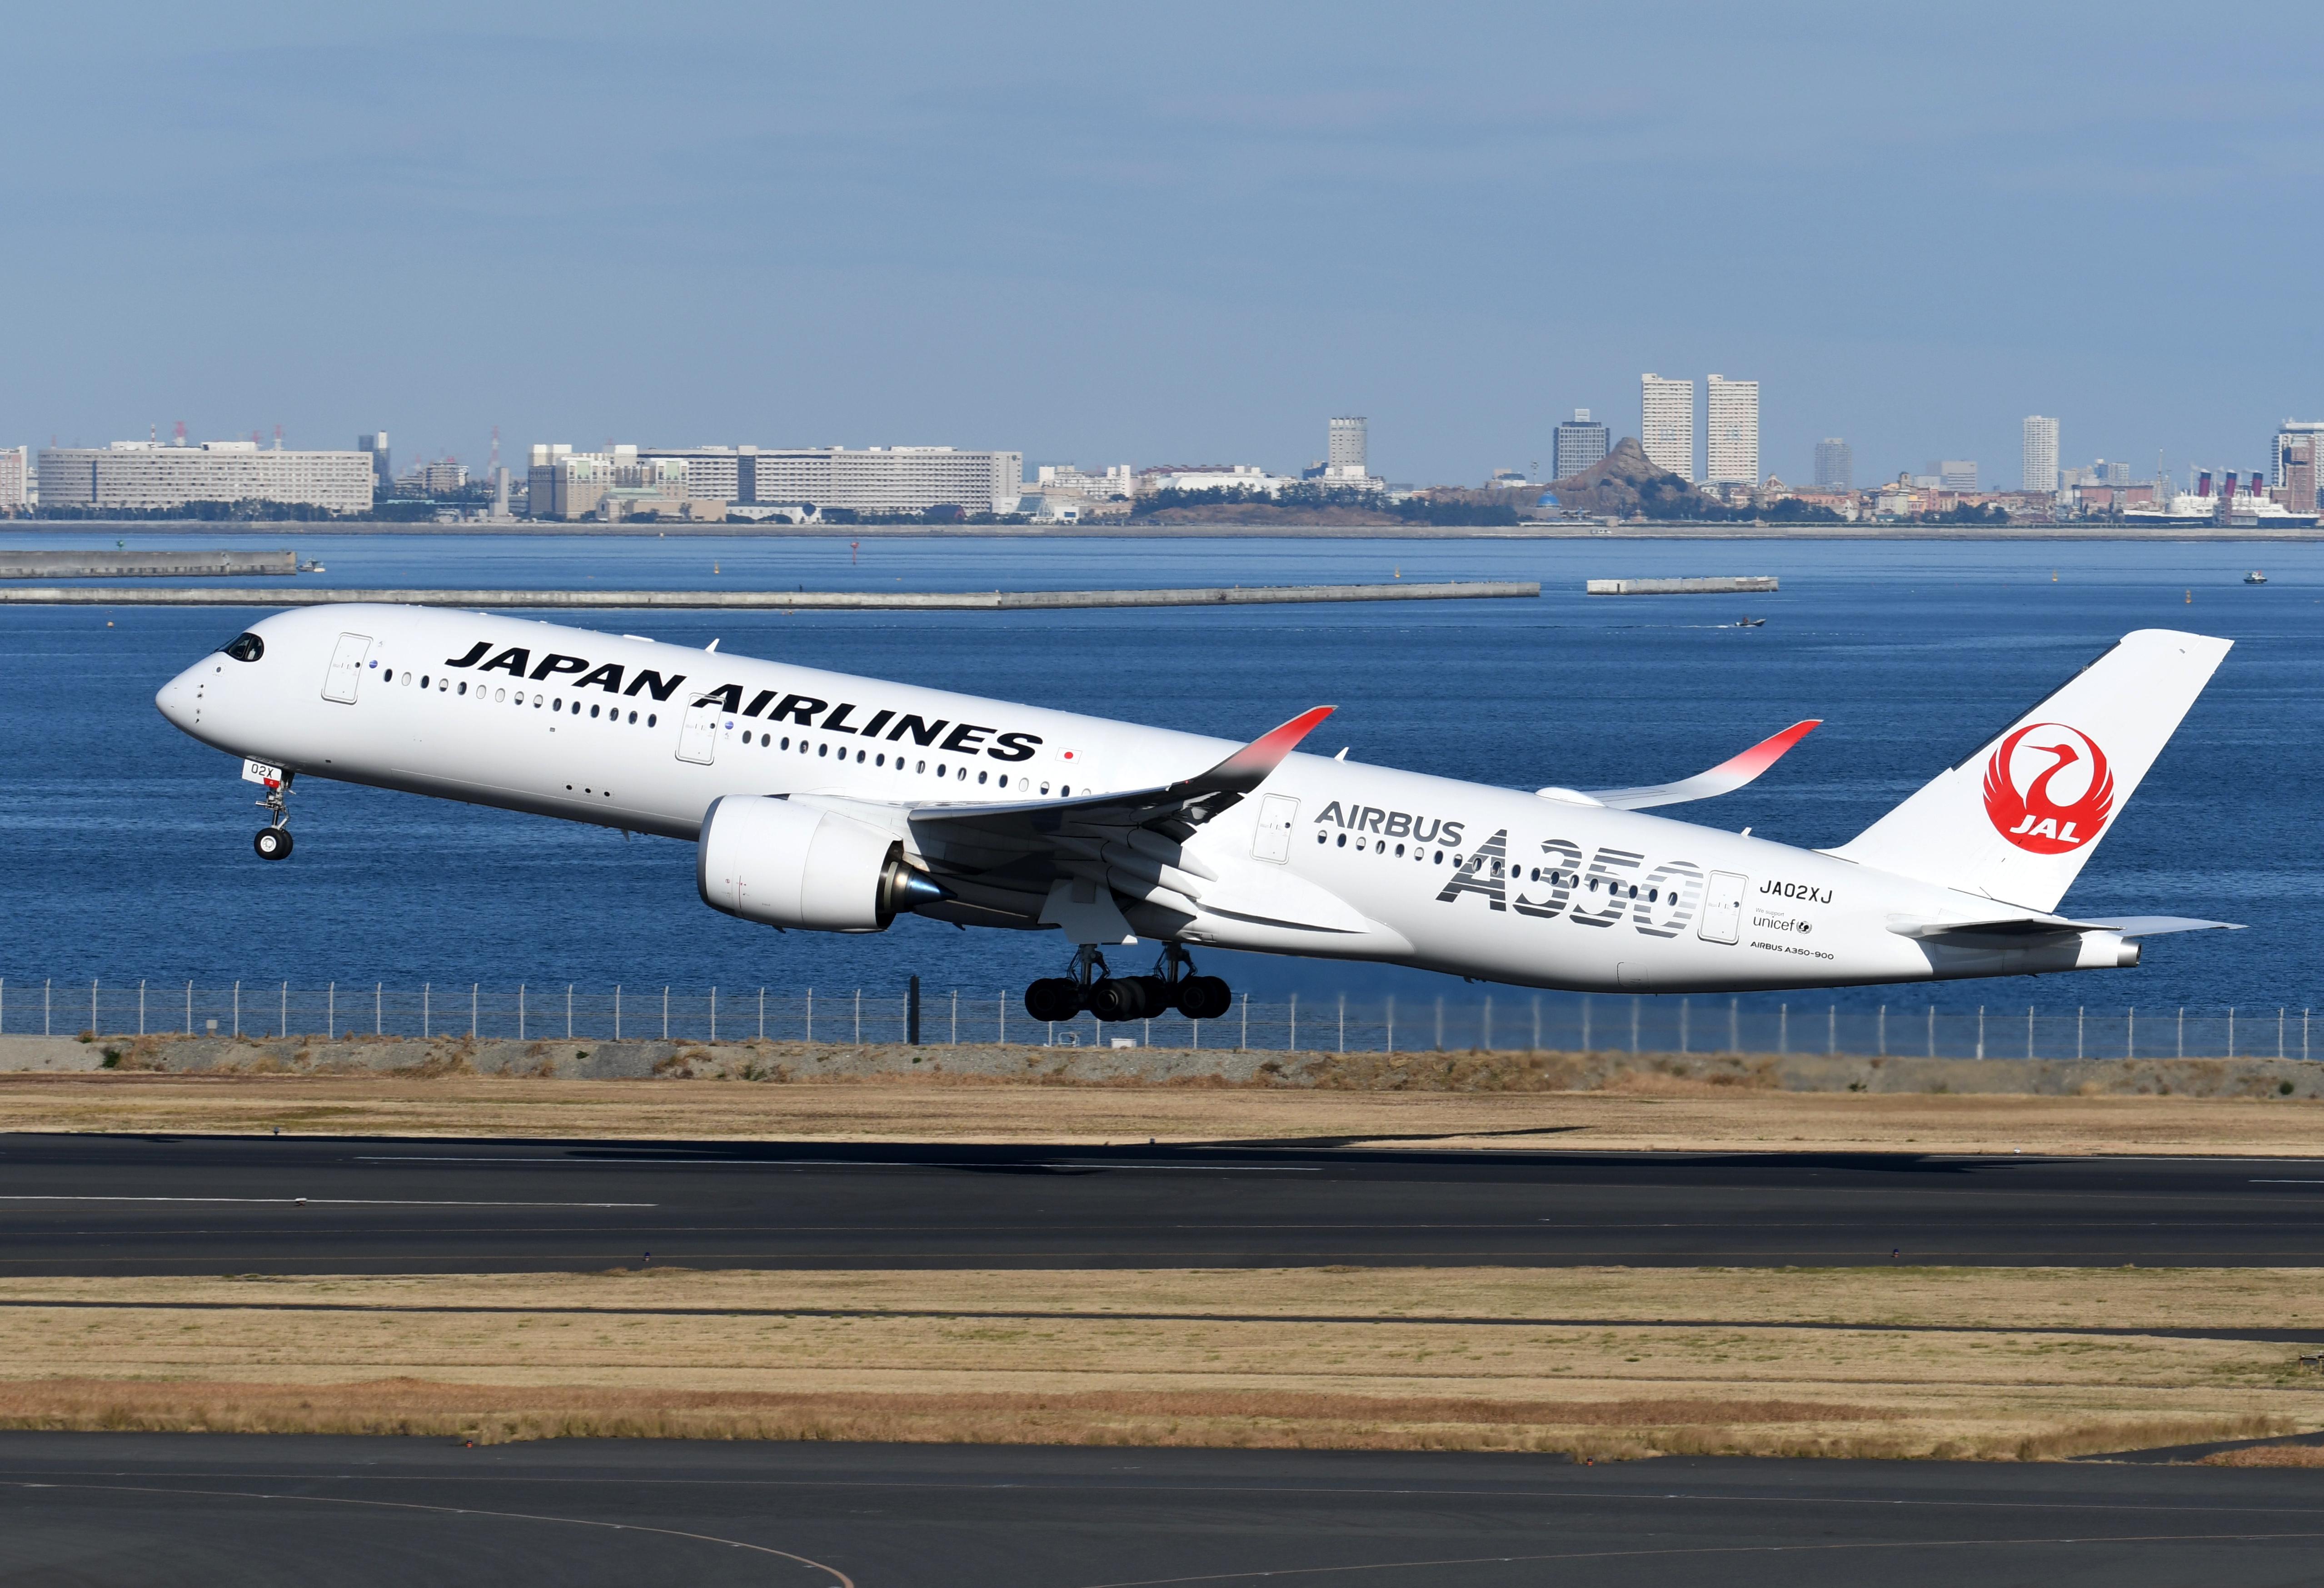 カンタス航空とジェットスター、移動規制の緩和で国内線や地方路線を拡大